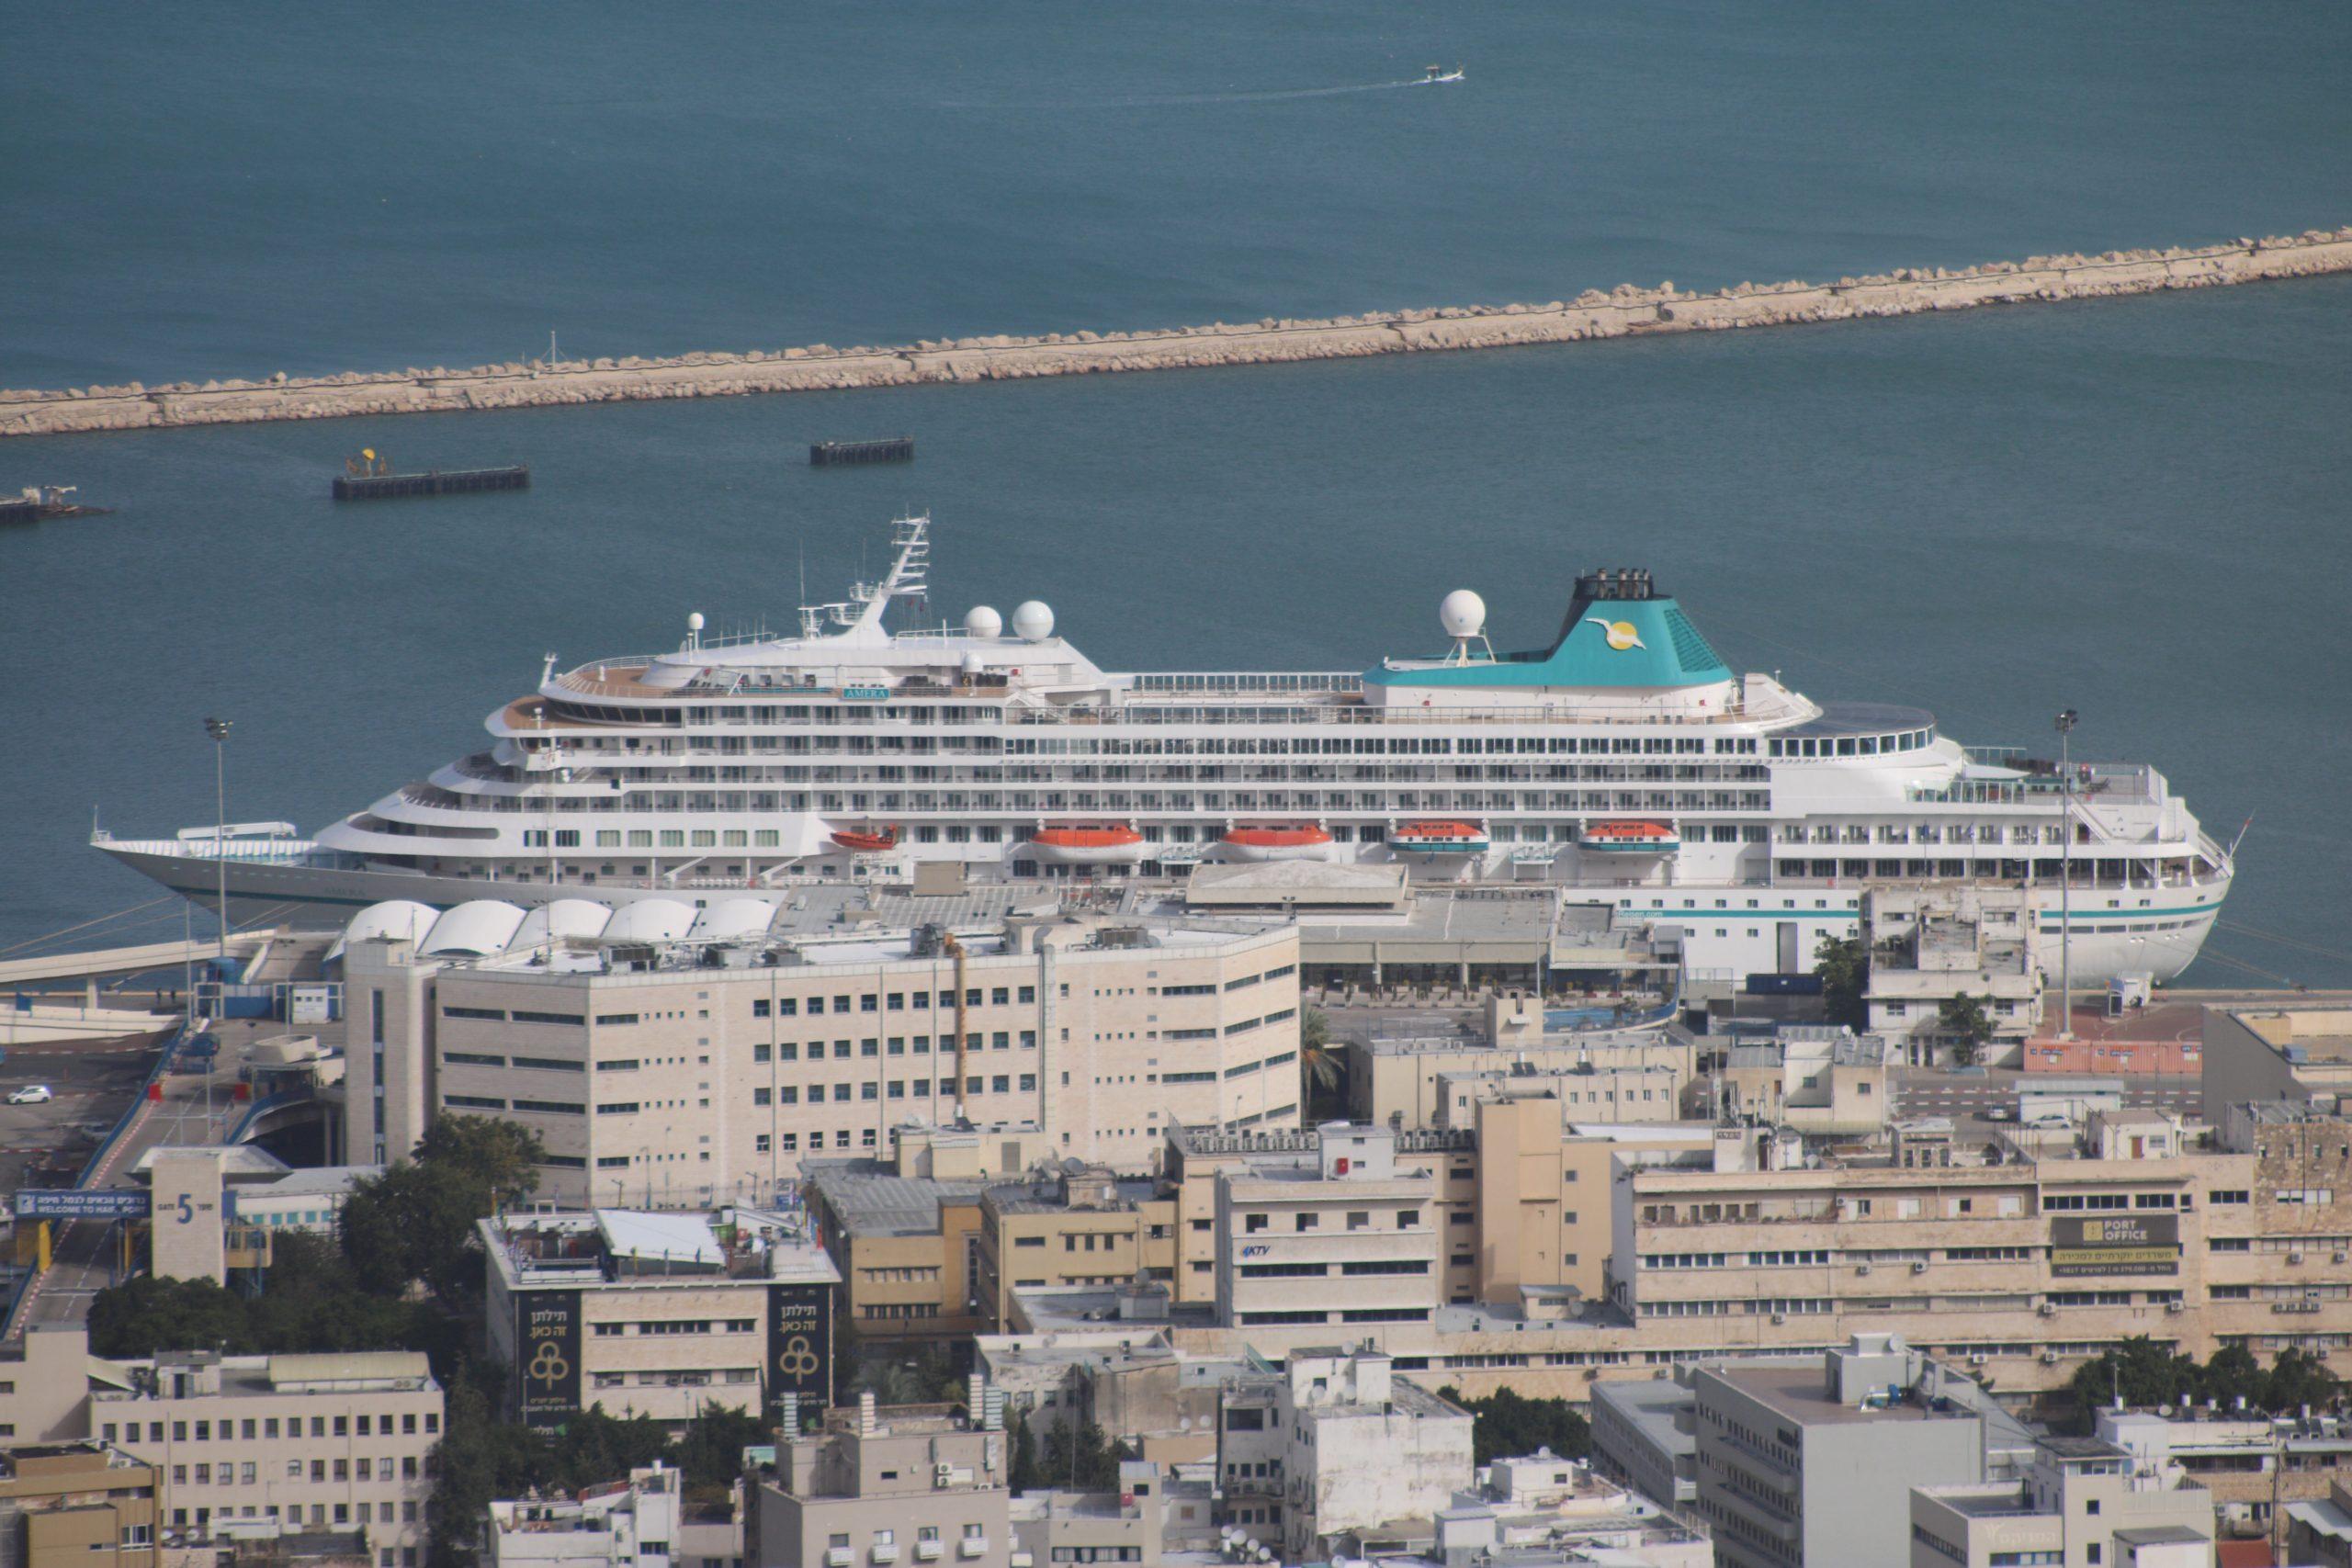 CruiseMarket.org